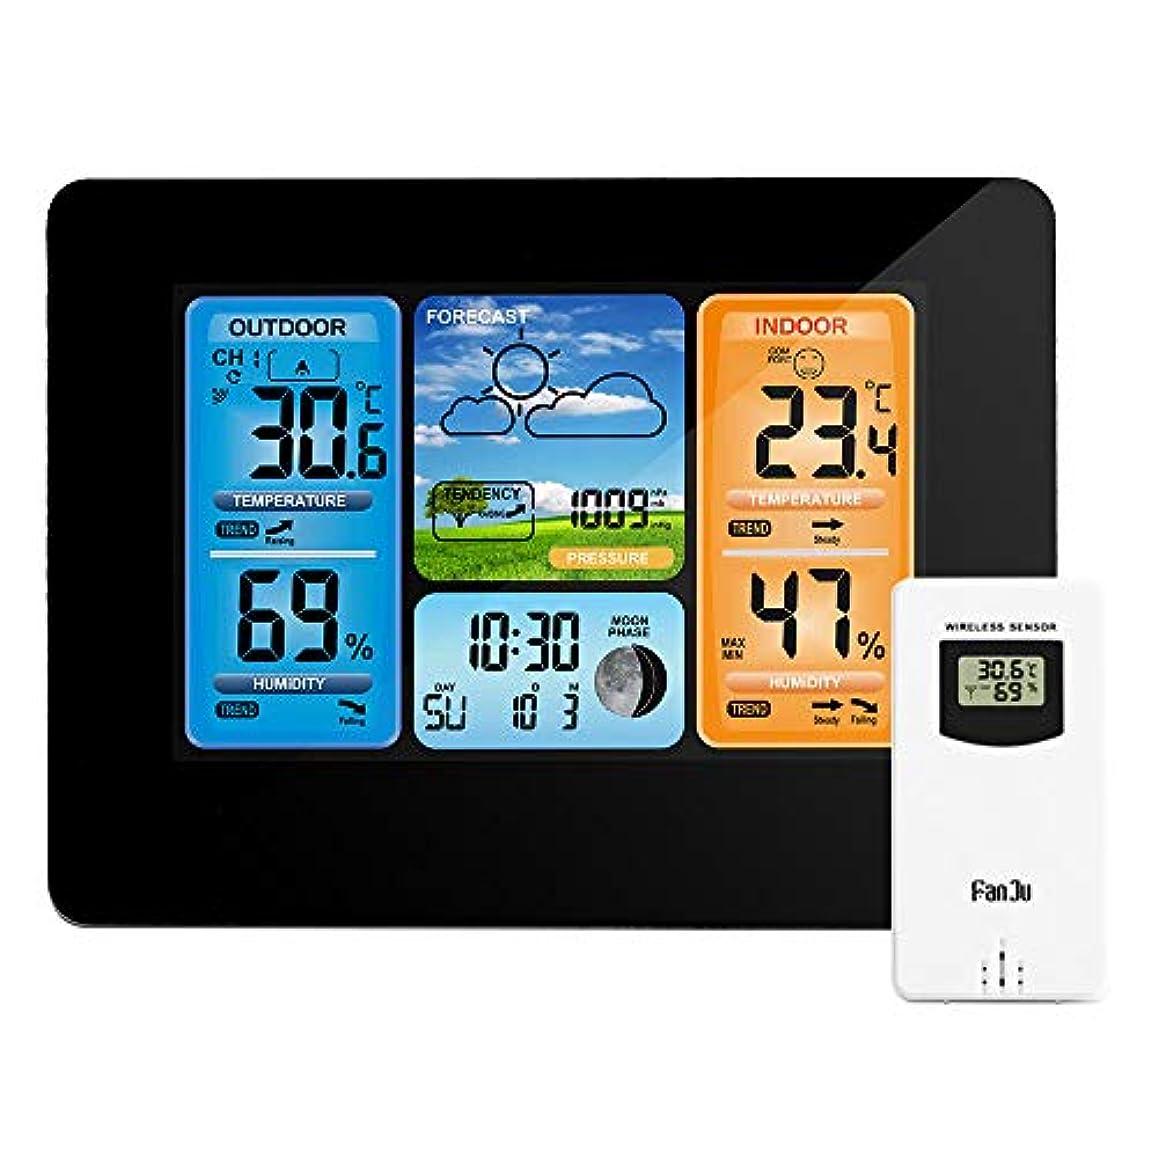 集団的ポール誘導天気ステーションデジタル温度計湿度計ワイヤレスセンサー予測温度時計ウォールデスク目覚まし時計